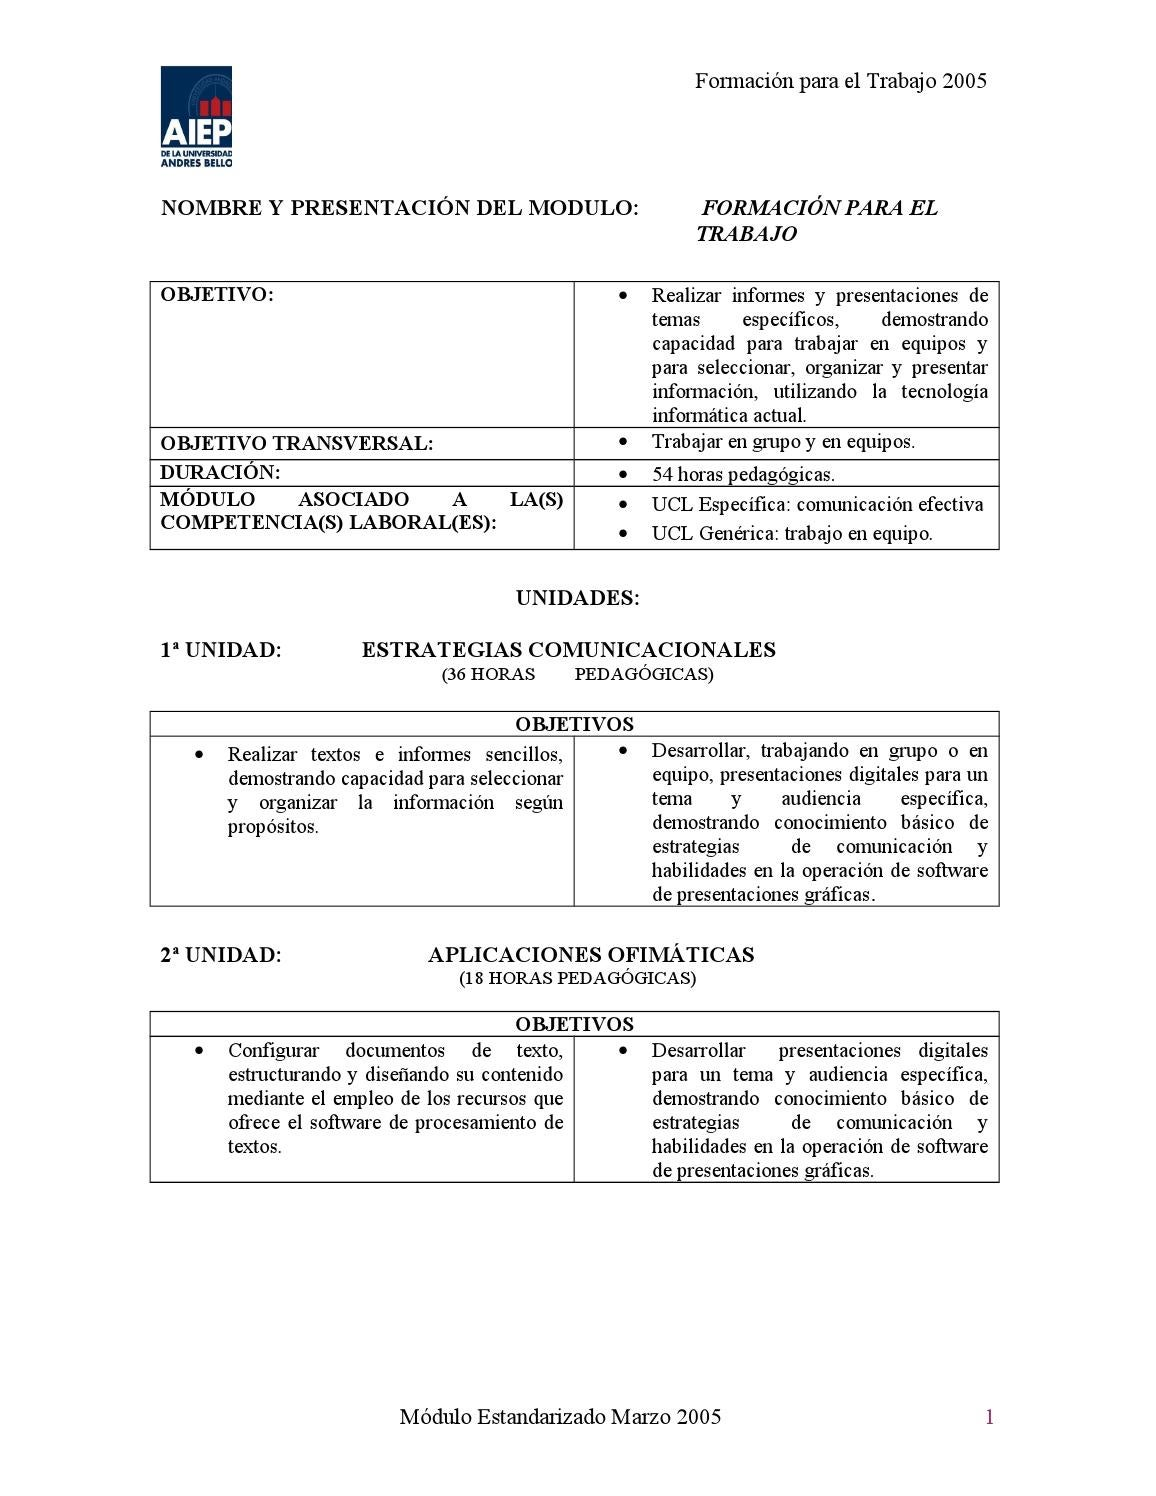 Manual de formación para el trabajo 2005 by cbdocencia aiep - issuu